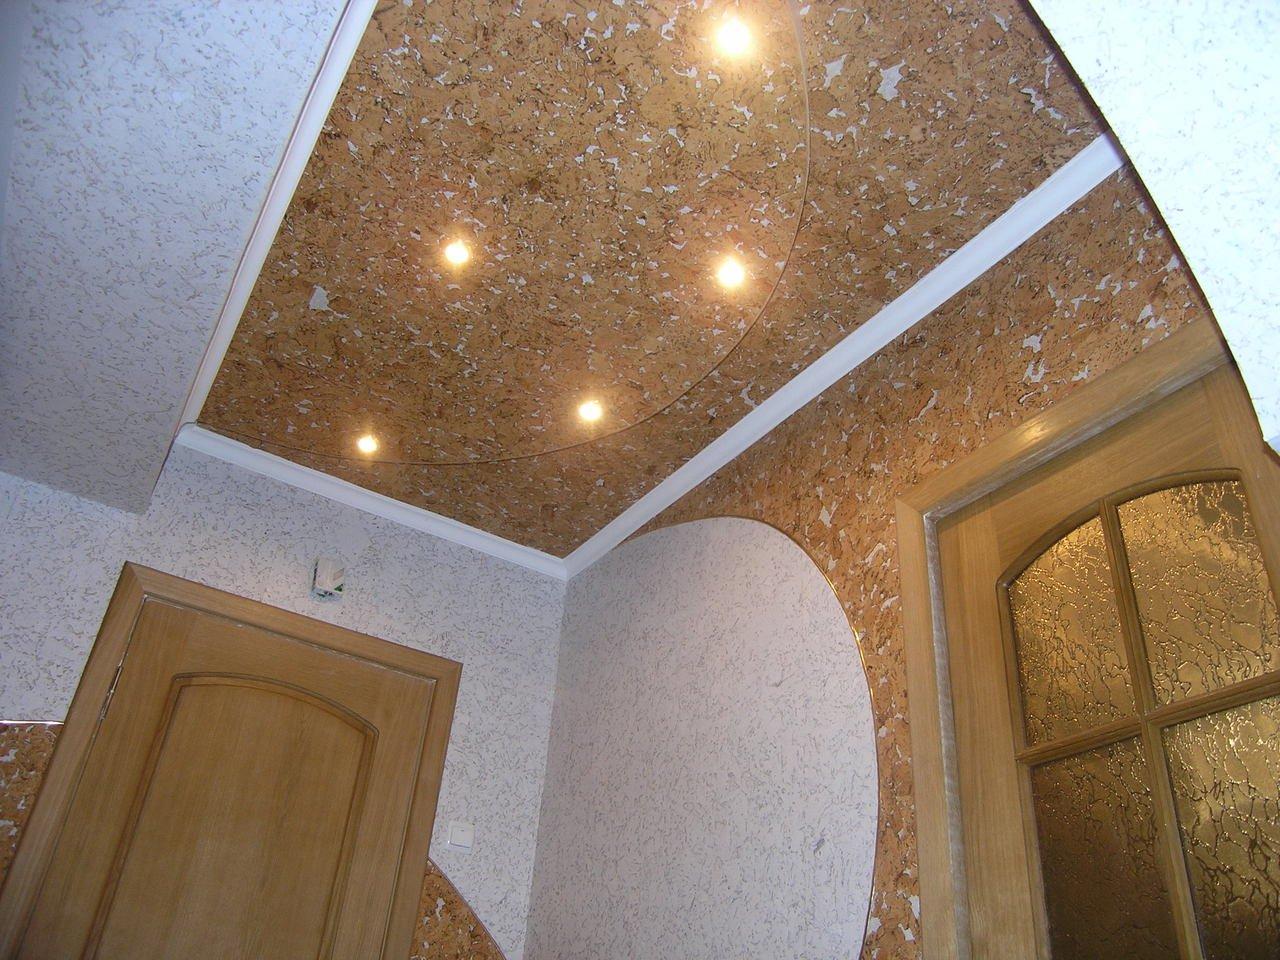 Качественная шумоизоляция потолка: варианты покрытия